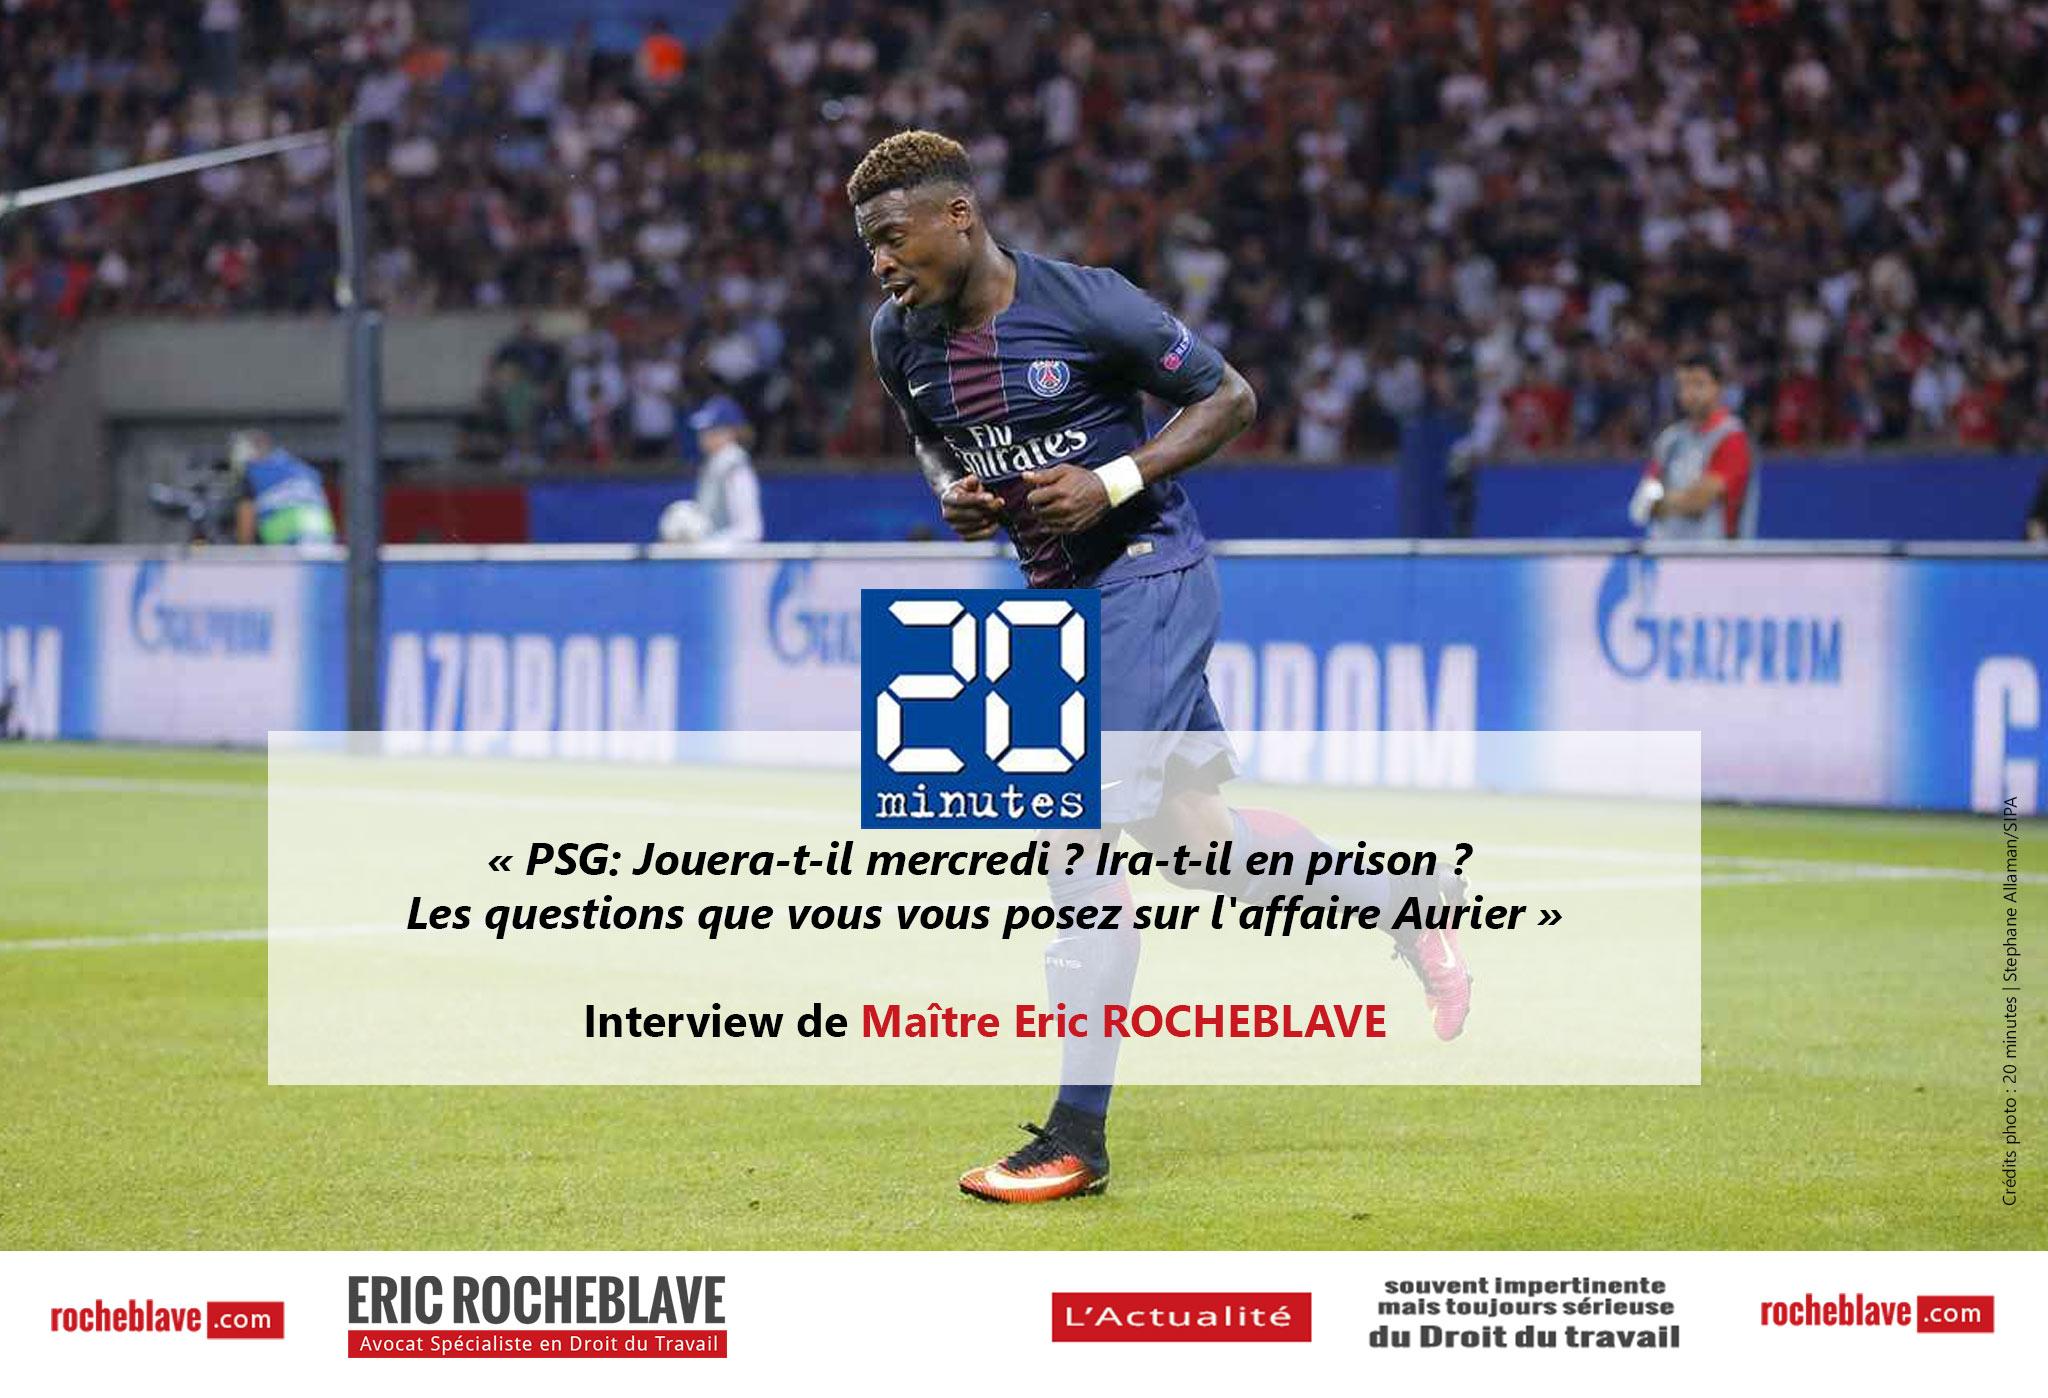 « PSG: Jouera-t-il mercredi ? Ira-t-il en prison ? Les questions que vous vous posez sur l'affaire Aurier » Interview de Maître Eric ROCHEBLAVE | 20 minutes